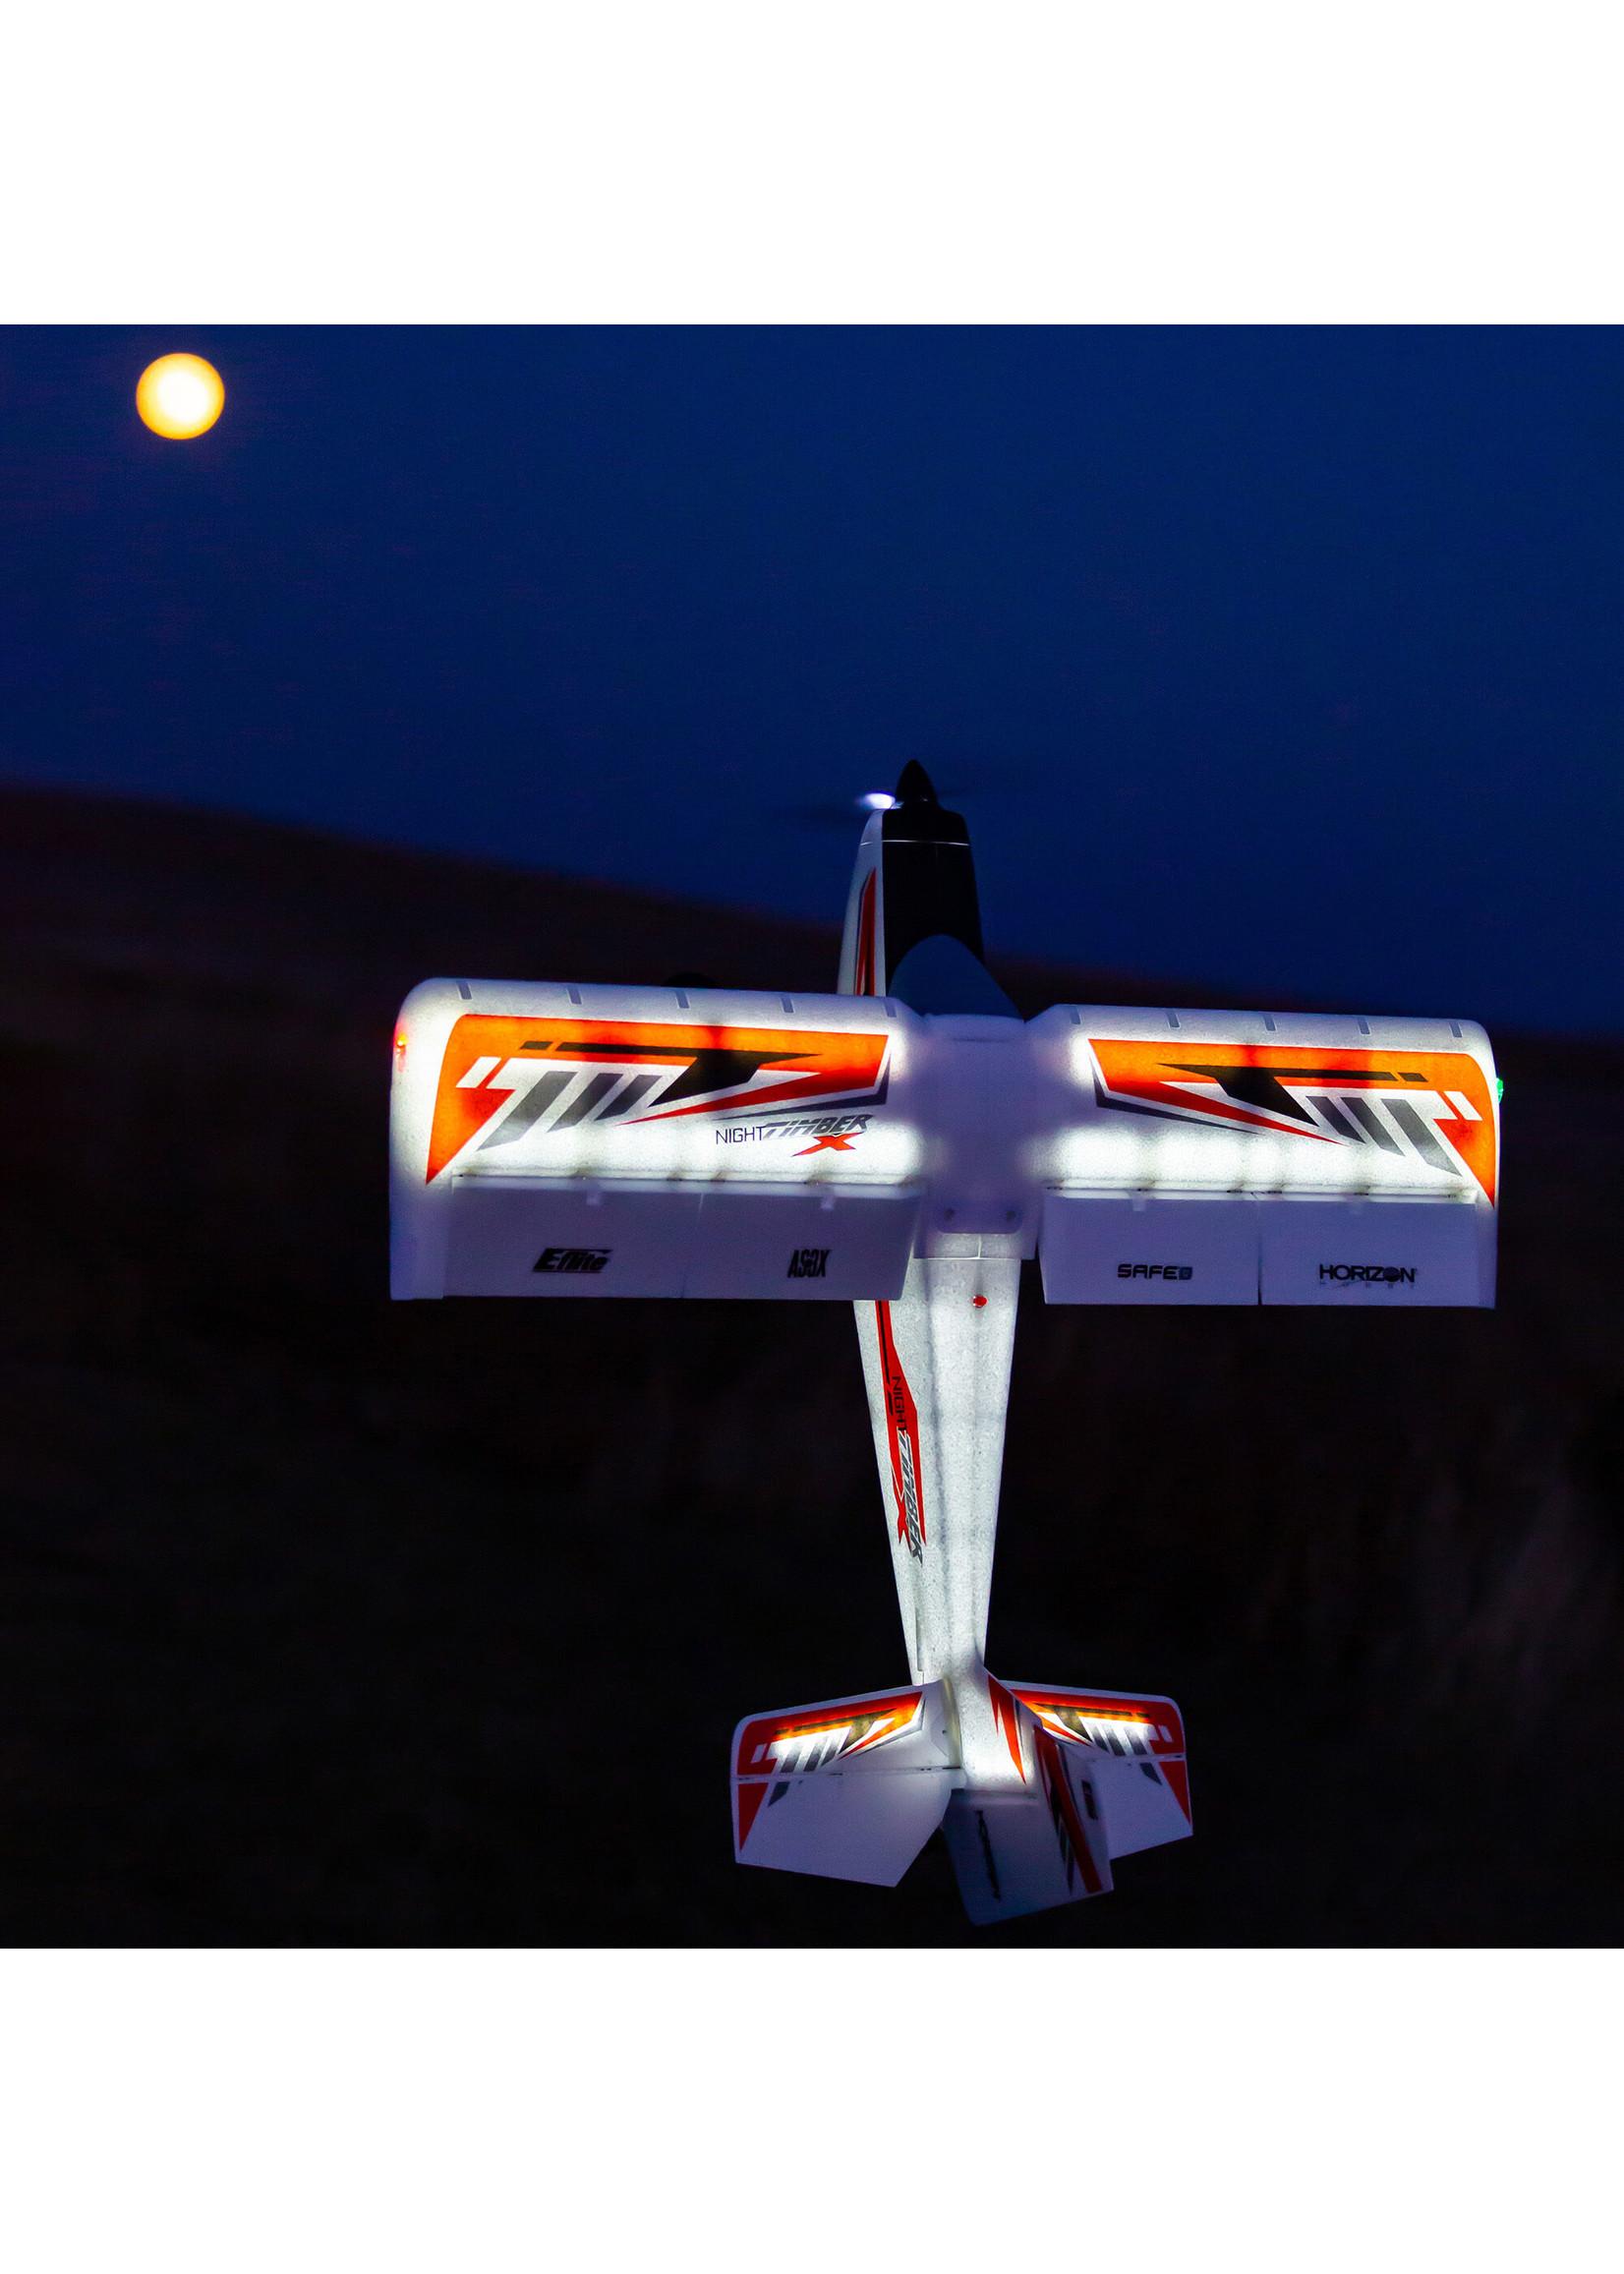 E-Flite EFL13850 E-Flite Night Timber X 1.2M BNF Basic w/AS3X & SAFE Select